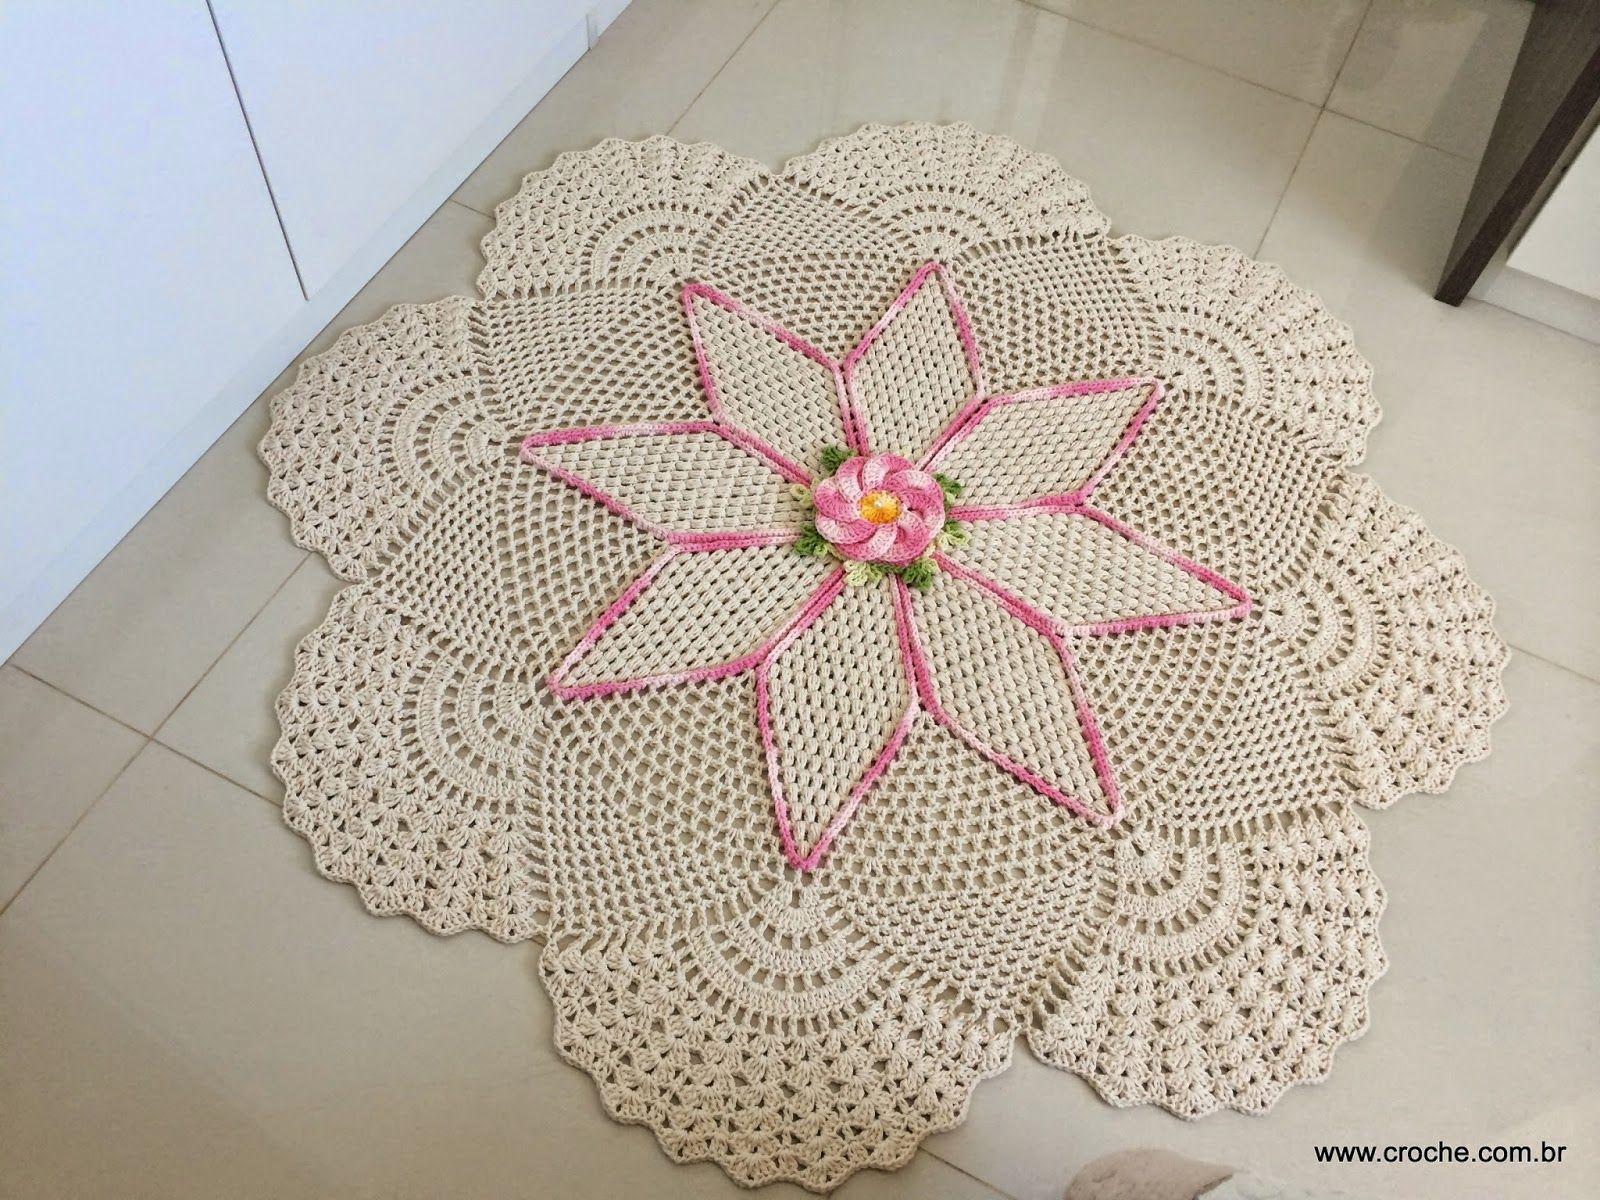 Tapete Redondo Flor Bergamota Croche Com Br Crochet Doilies  -> Tapete Para Sala De Barbante Redondo